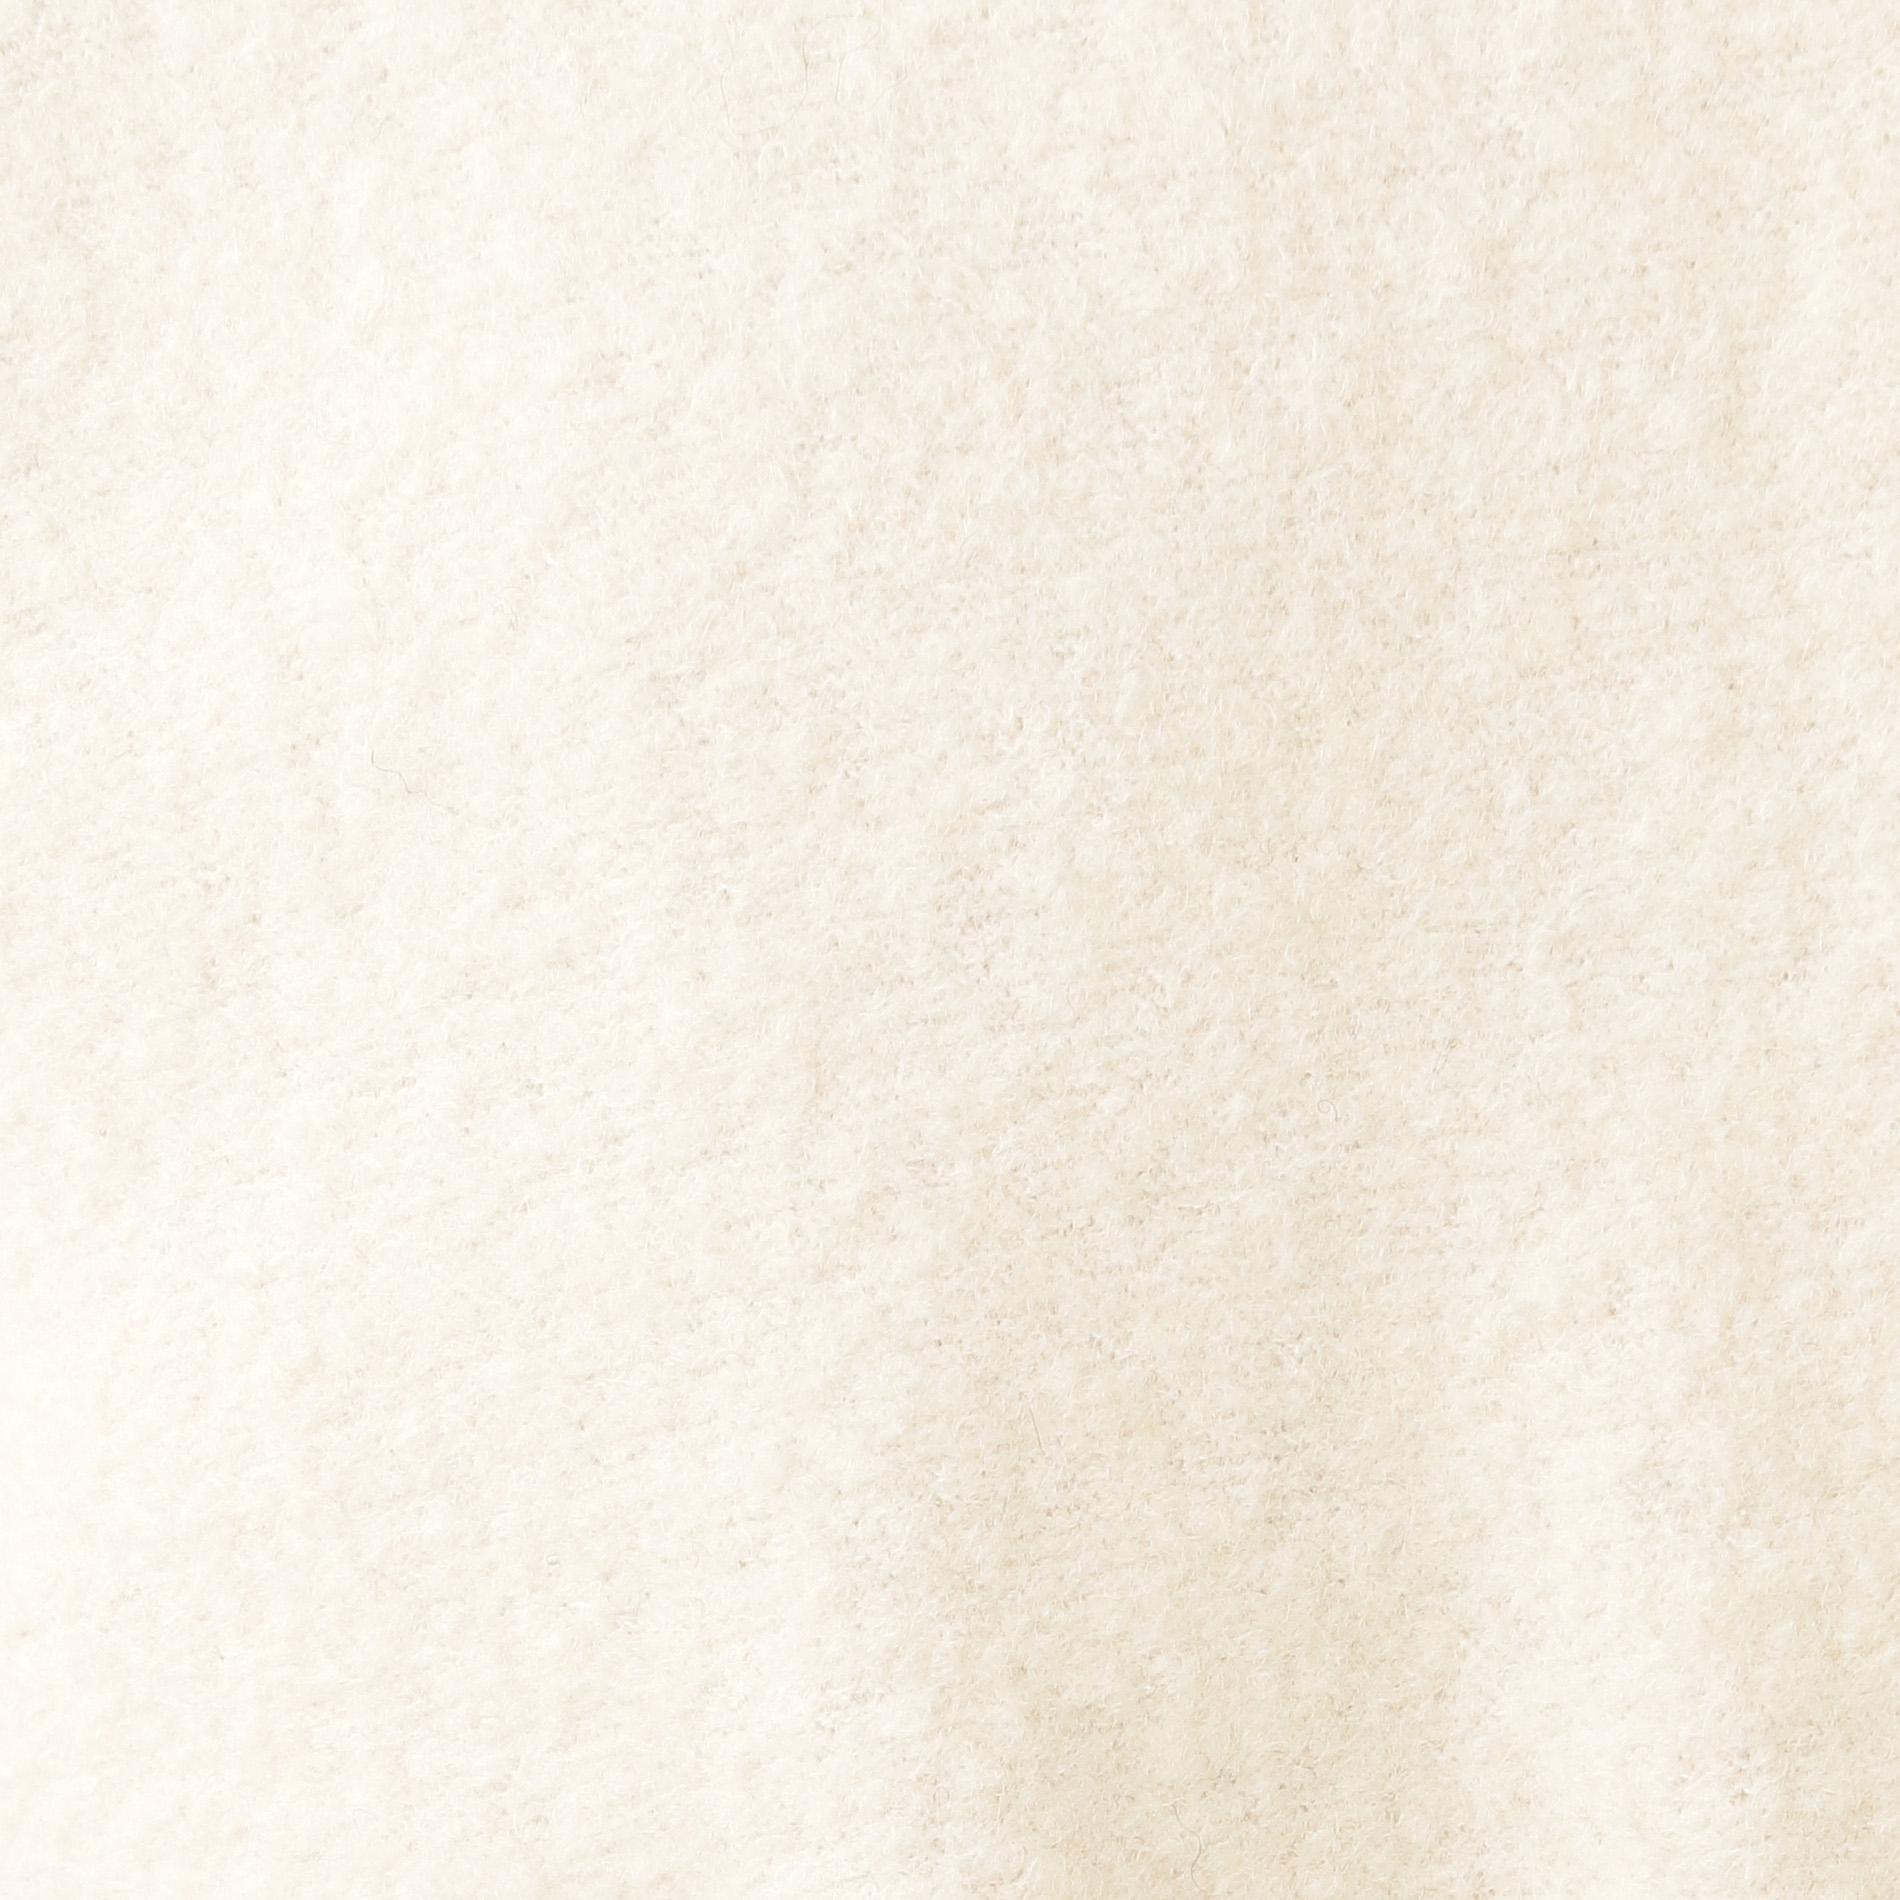 ブークレーショ―トブルゾン